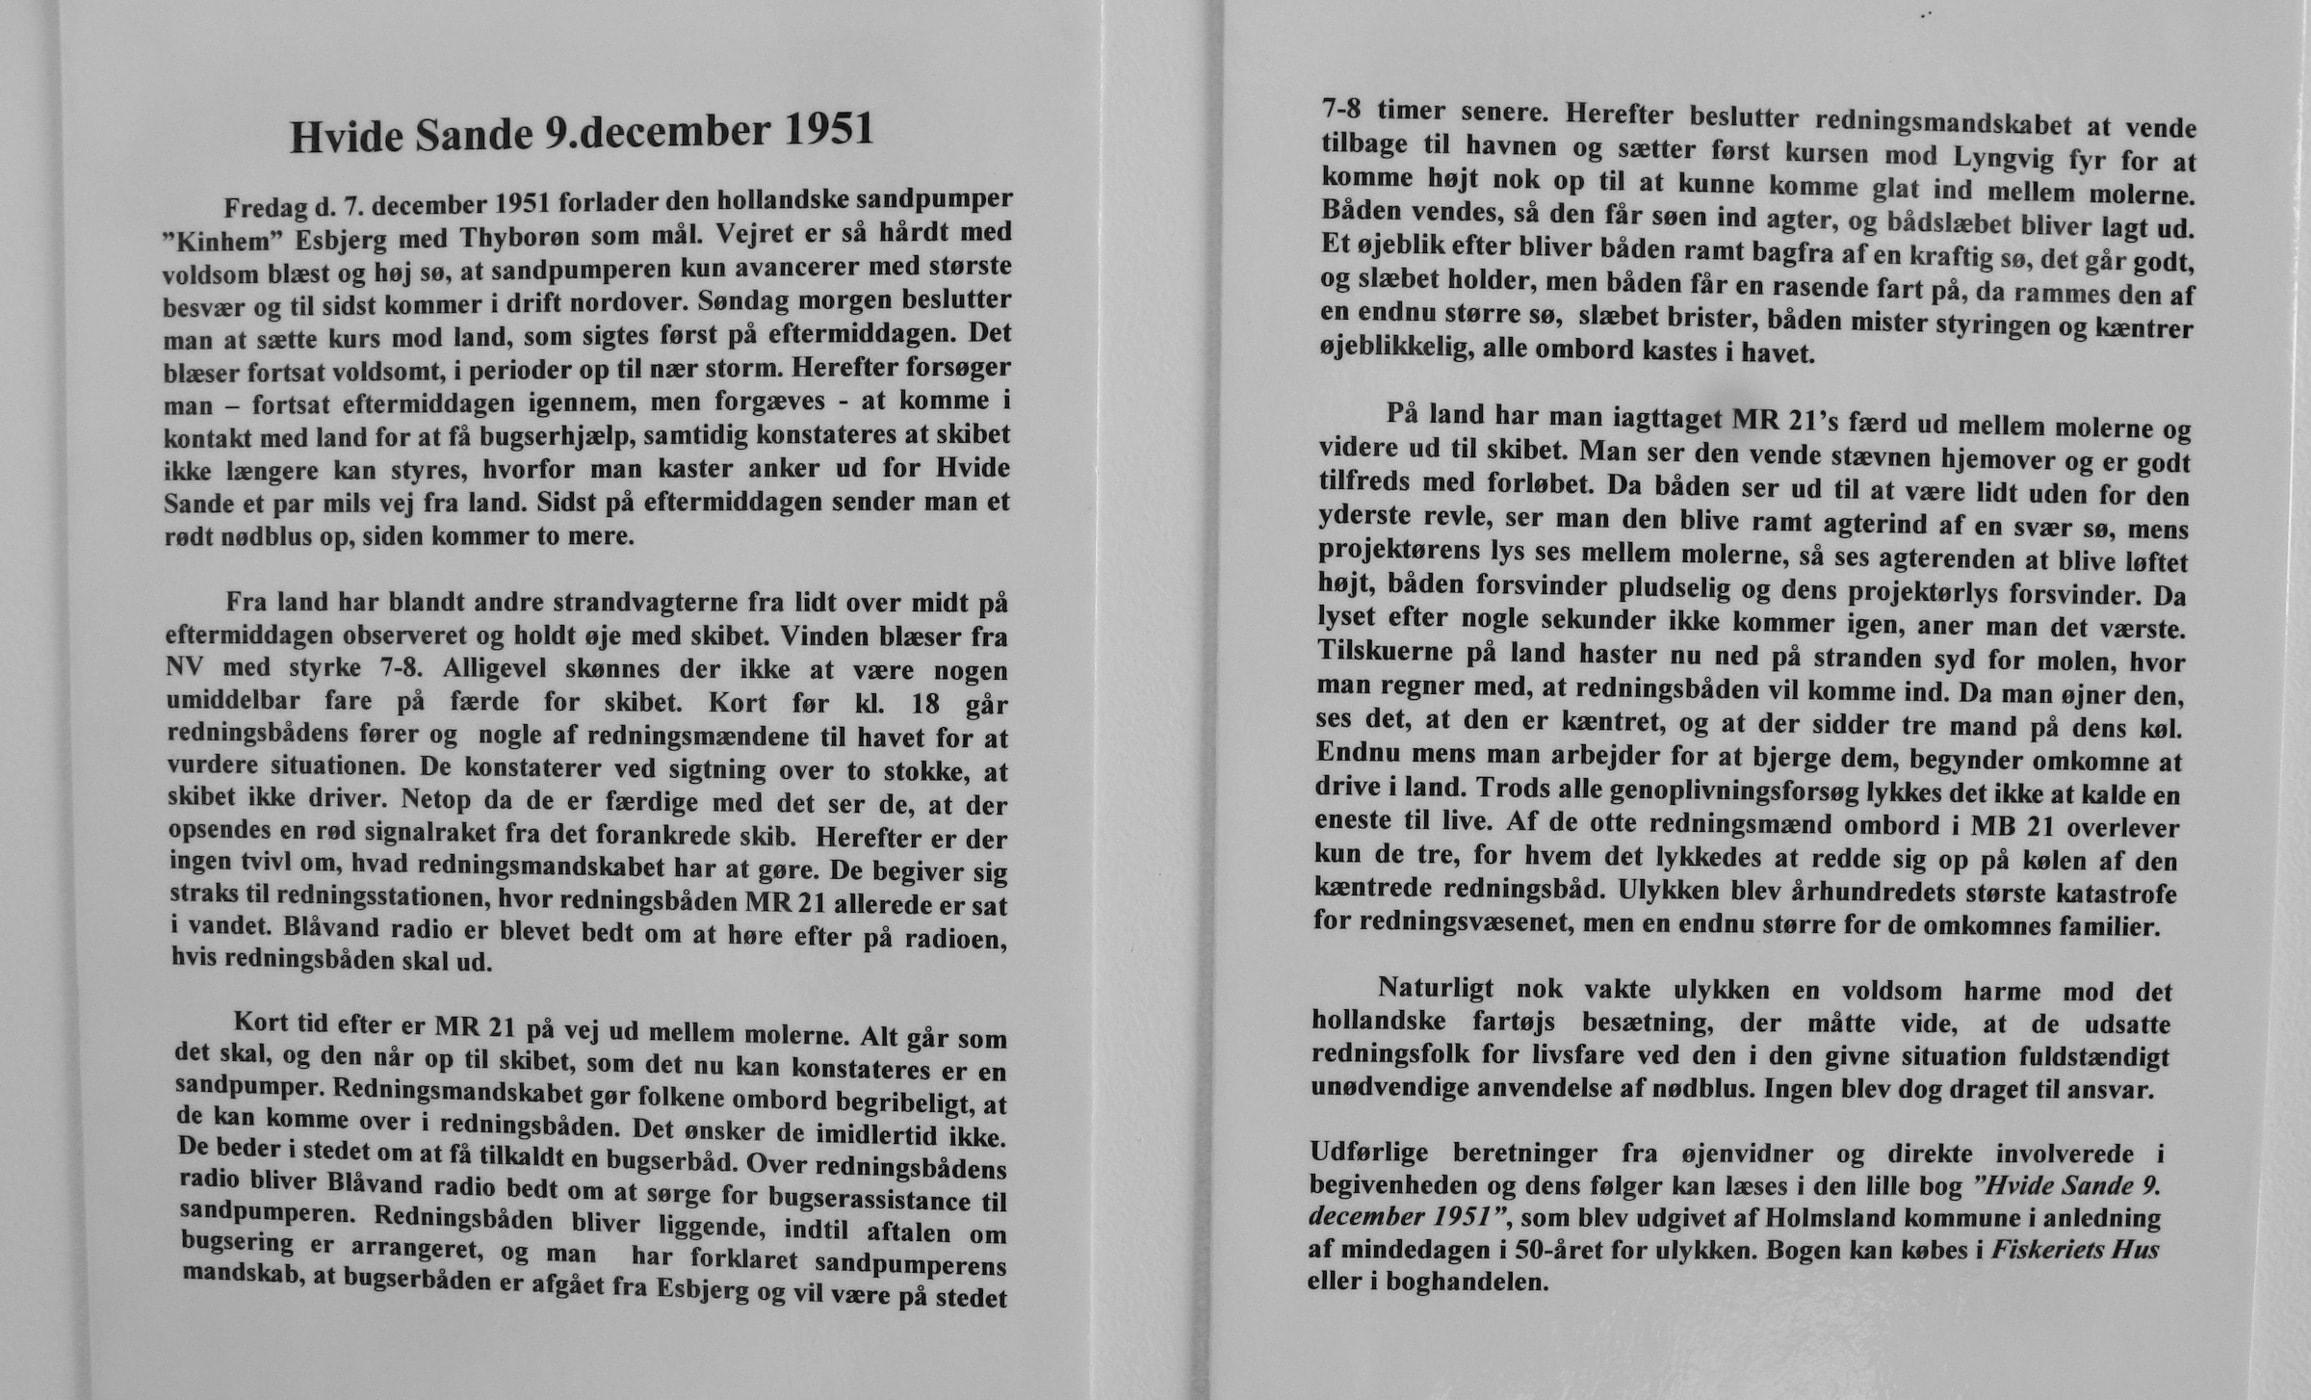 Forliset 9. december 1951. Tekst fra Redningsmuseet